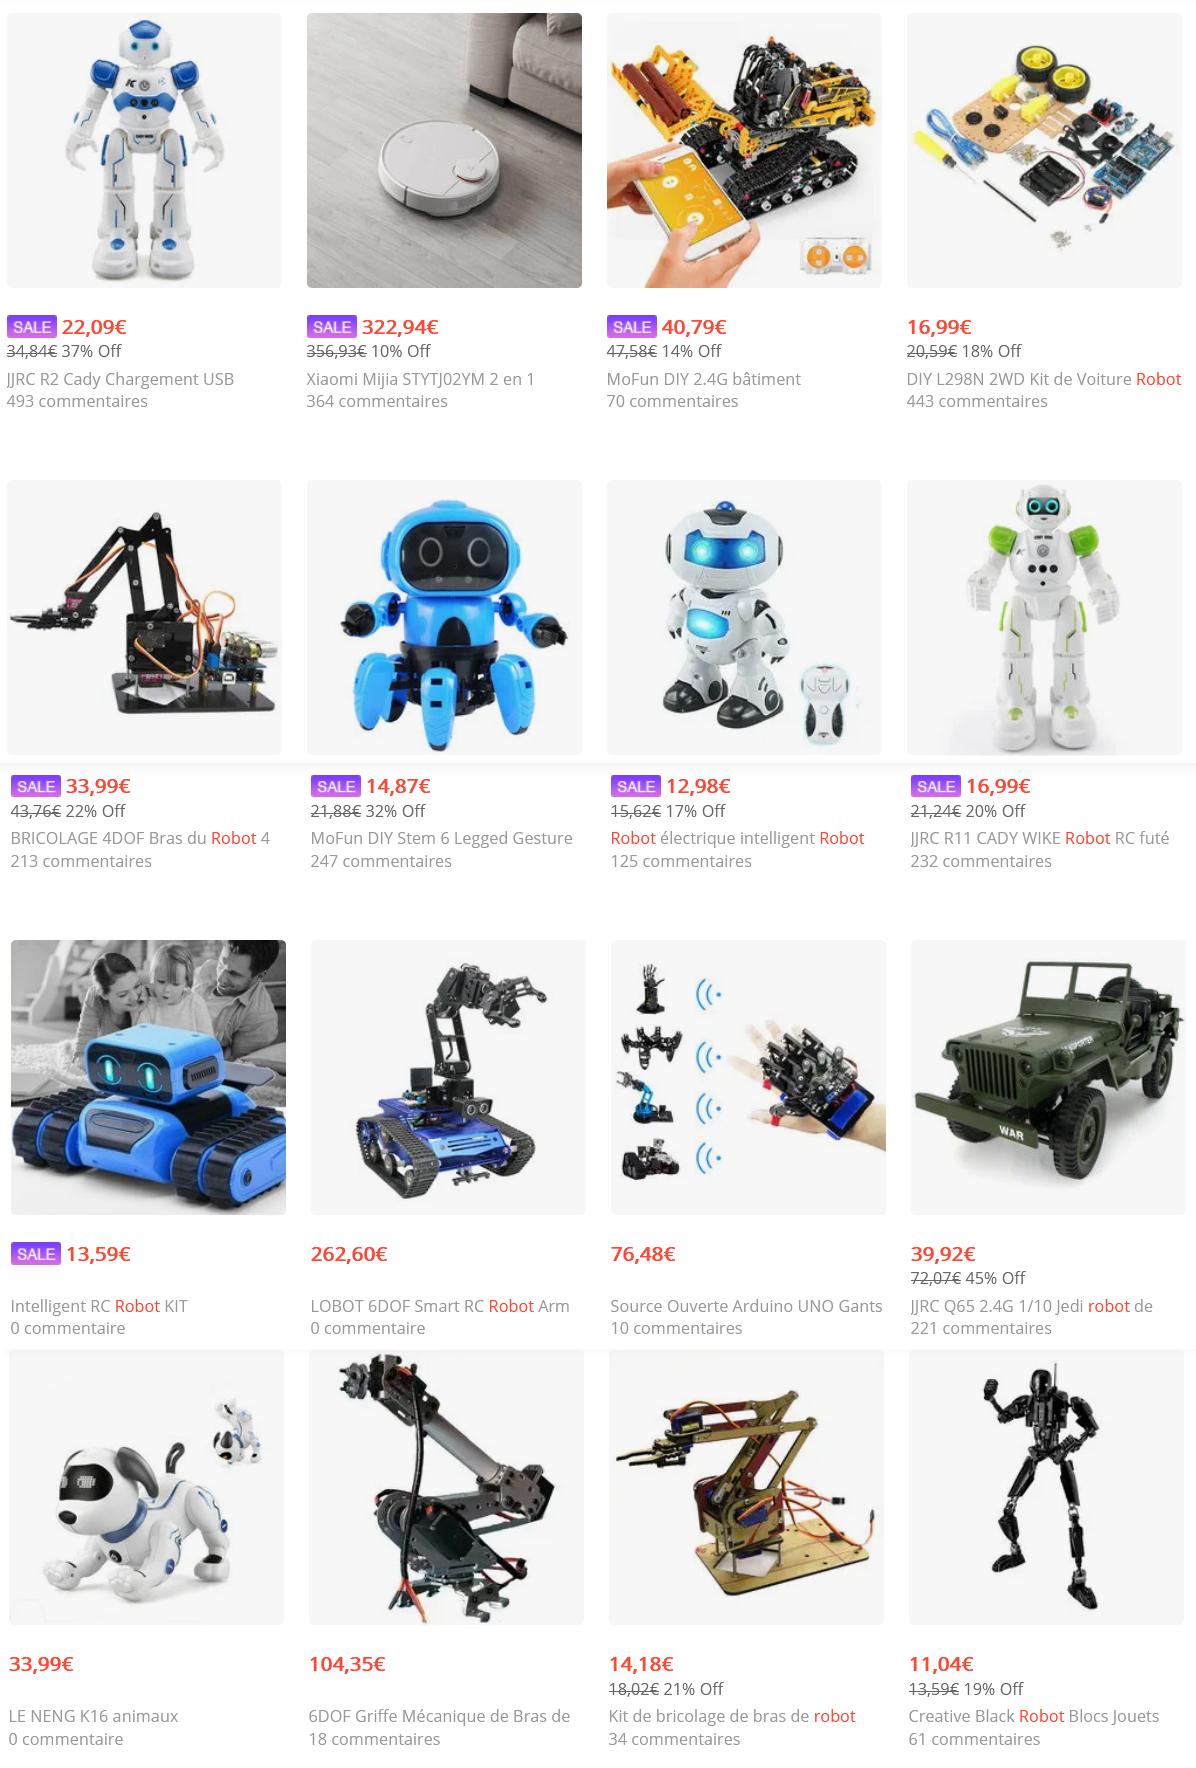 grossistes_robots